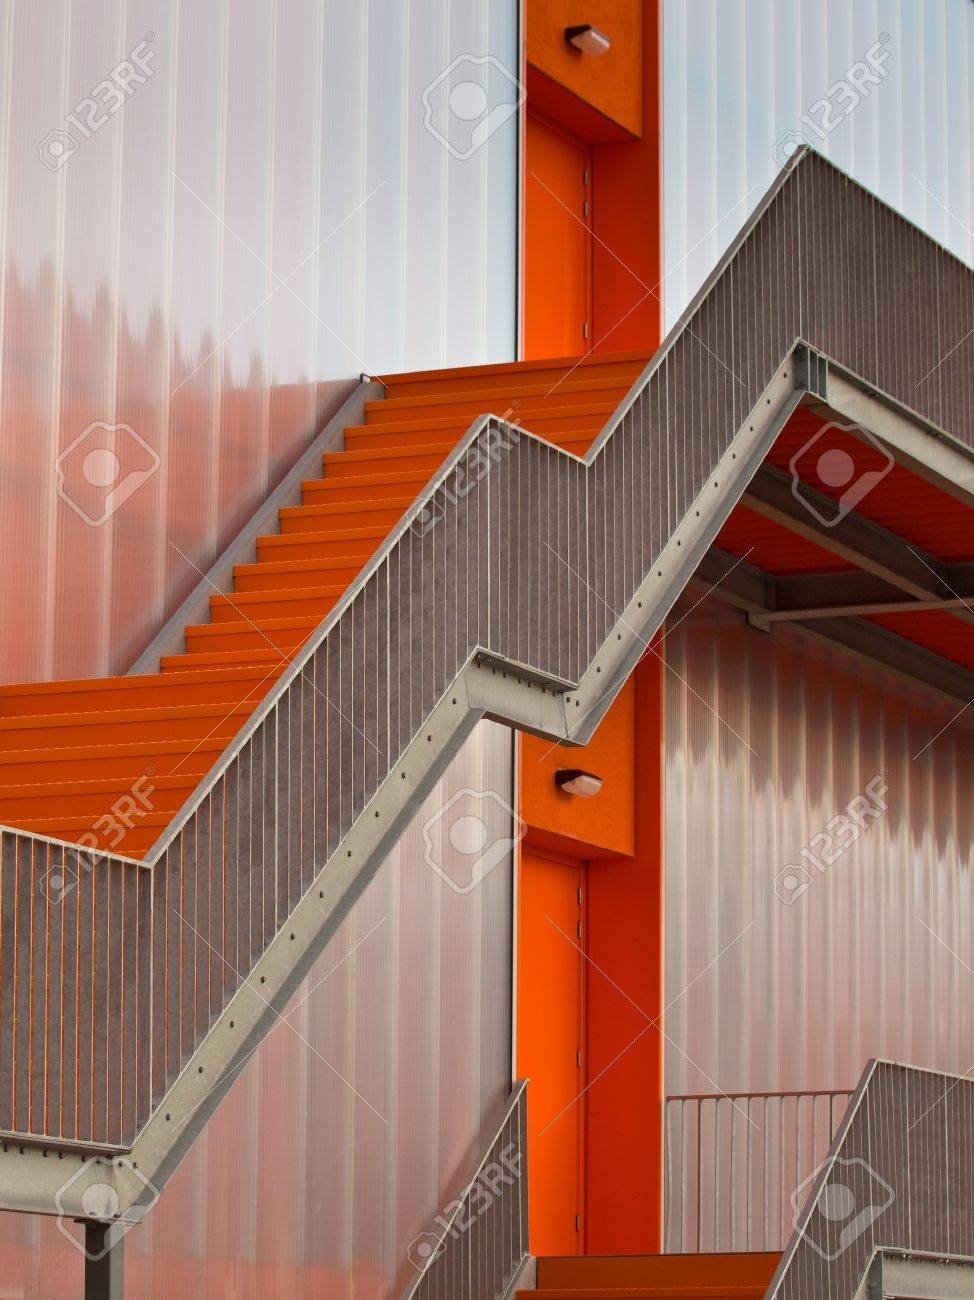 Orange Fluchttreppen An Der Außenseite Eines Modernen Gebäudes  Standard Bild   12285697